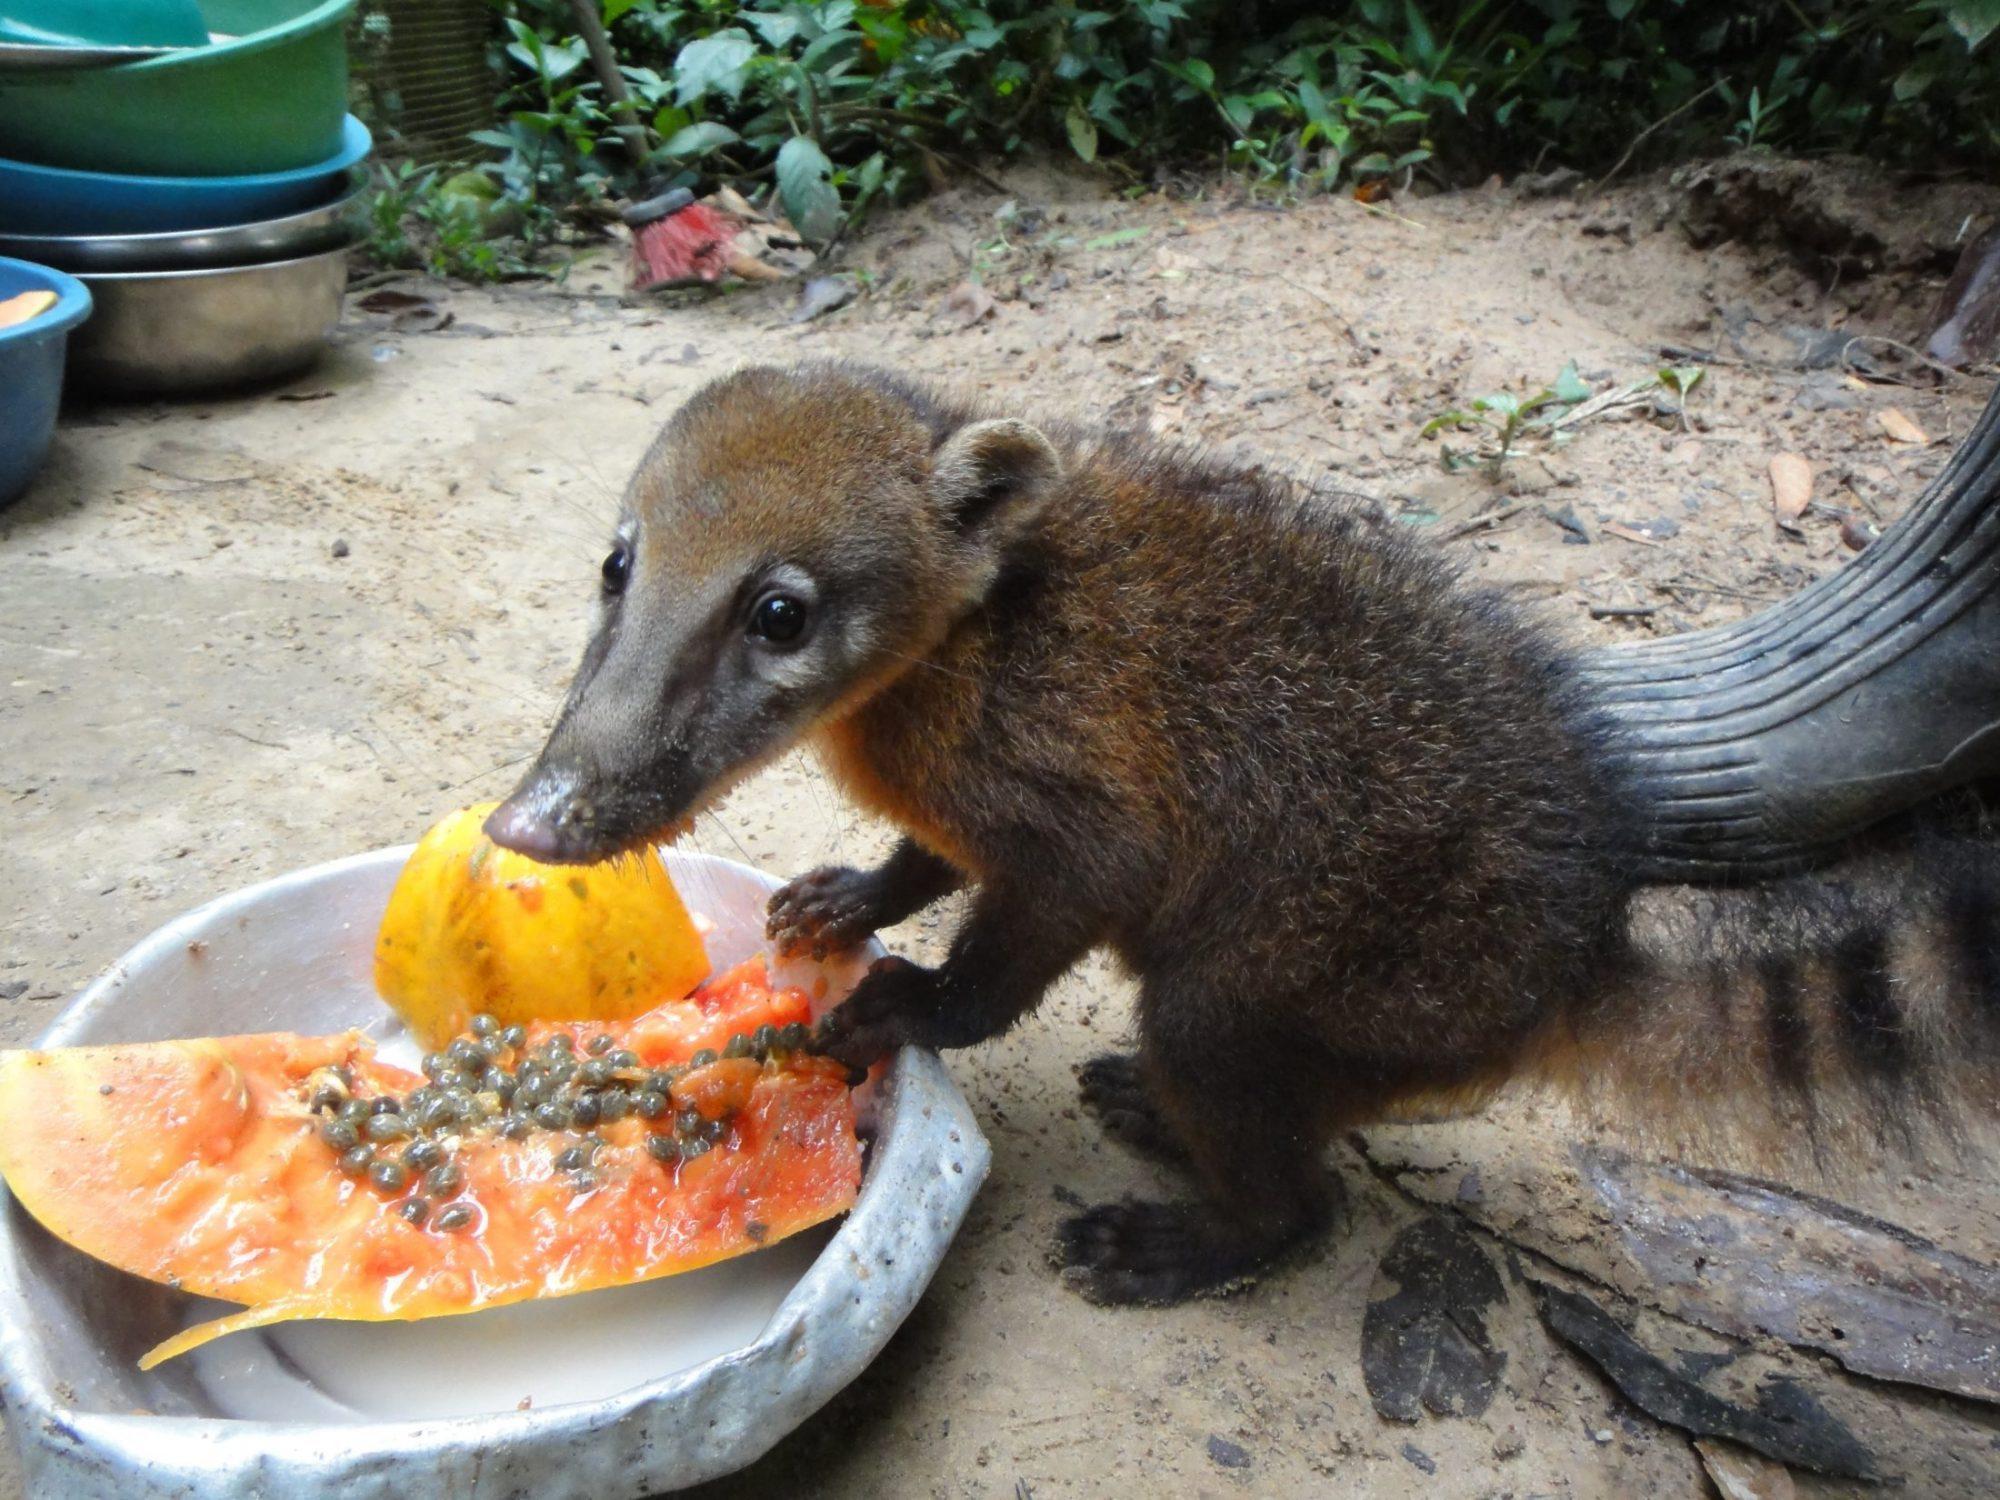 Un coatí bebé disfruta de una papaya en Parque Machía; Créditos de la foto: Leeann Grundhoefer